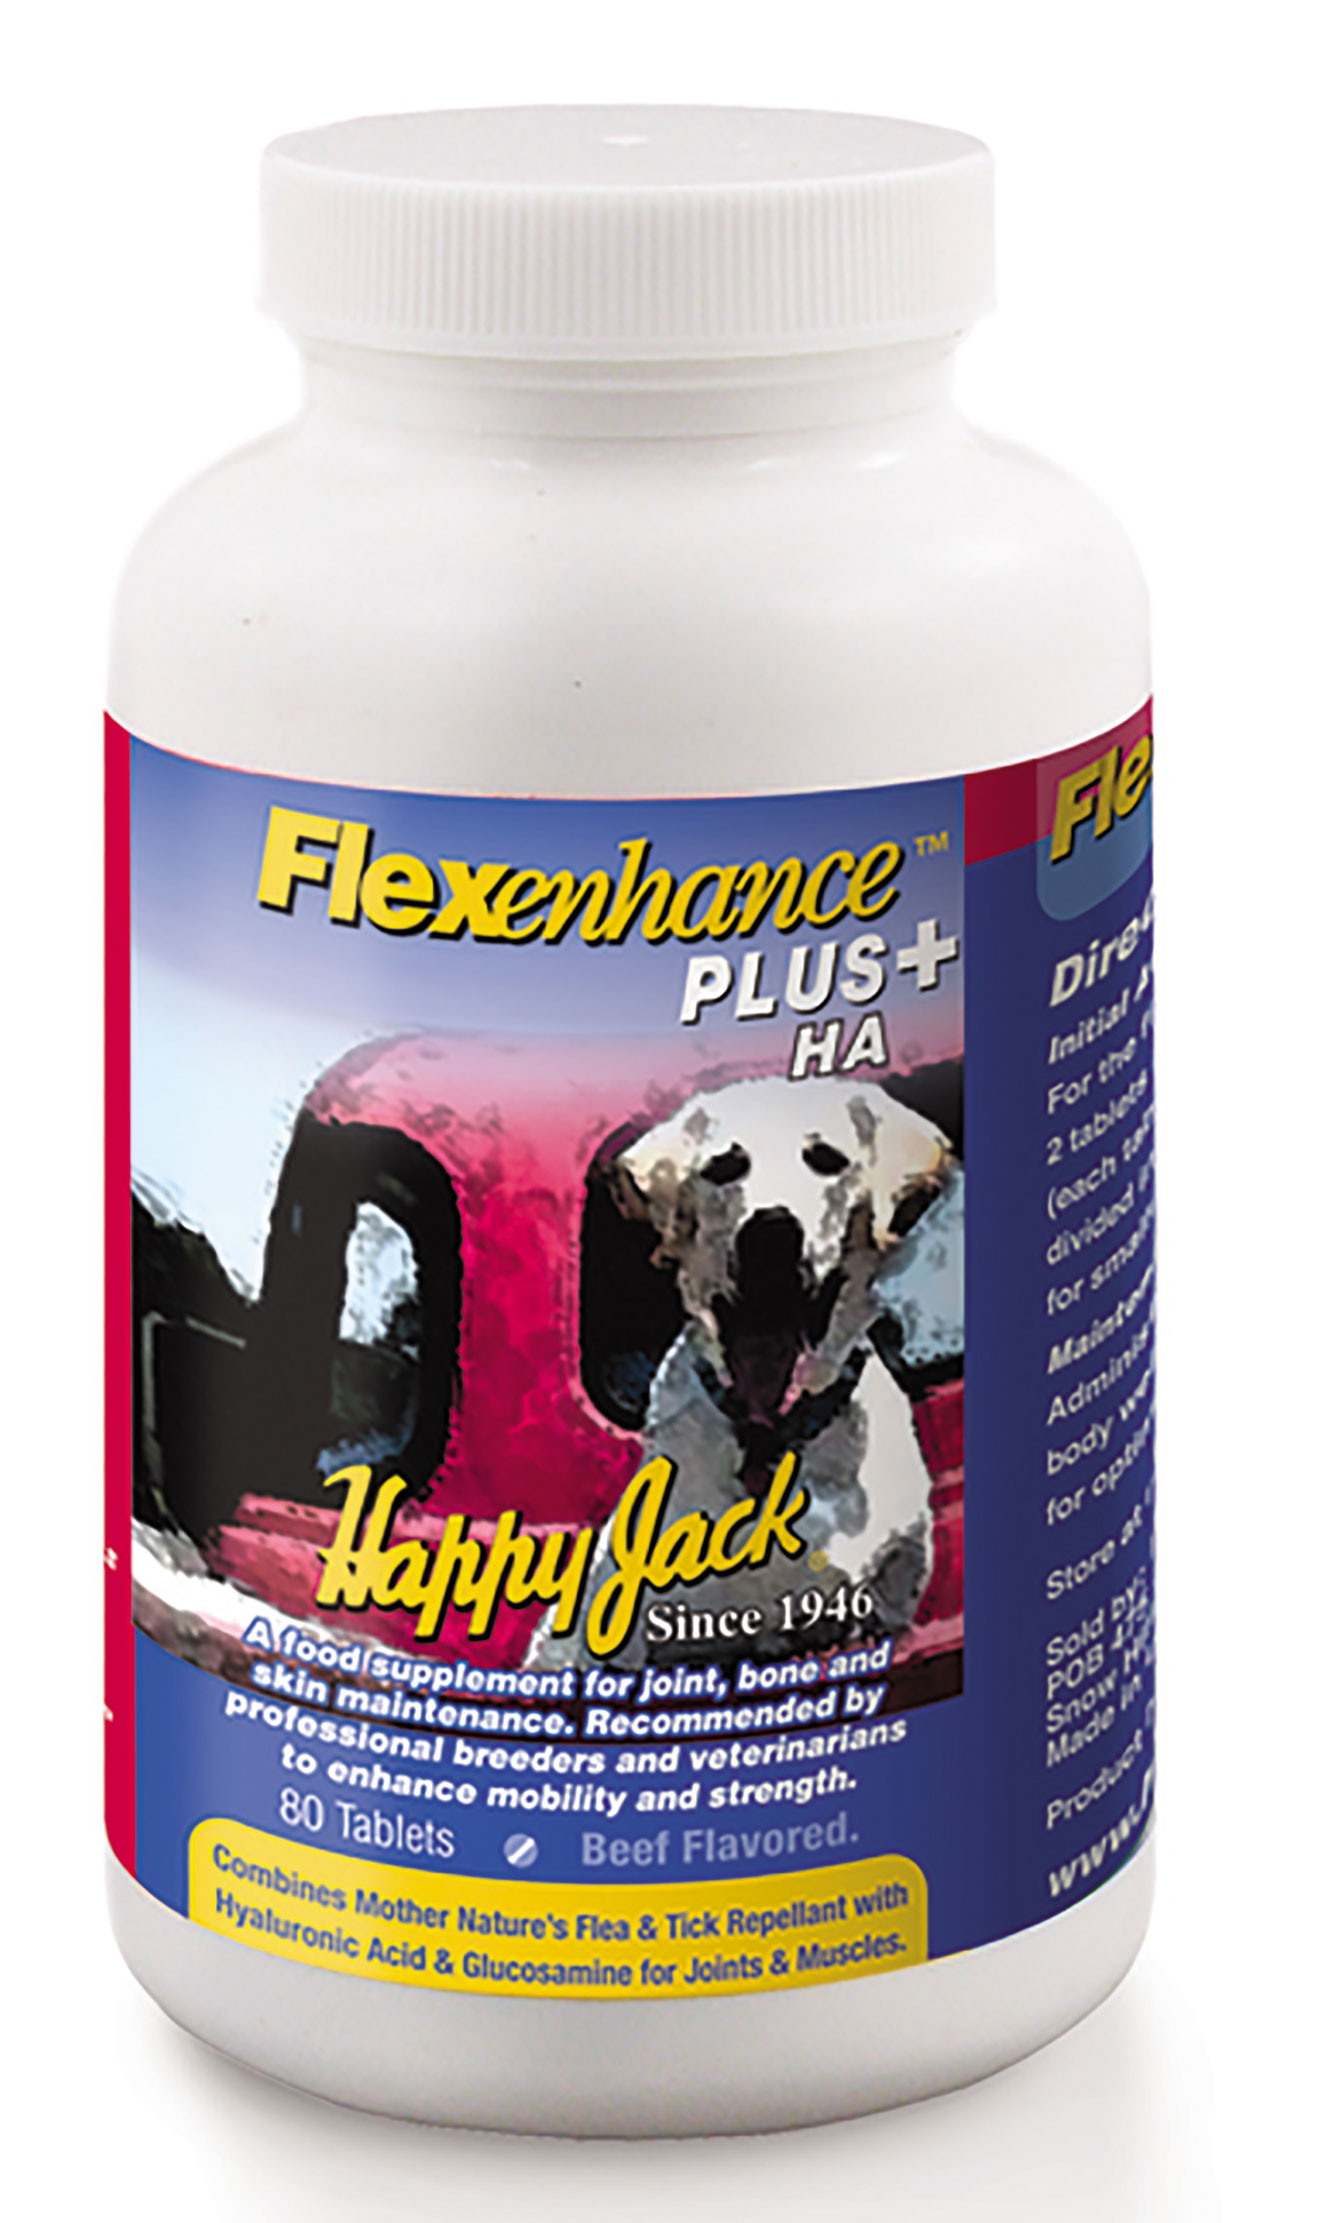 Happy-Jack-Flexenhance-Plus-